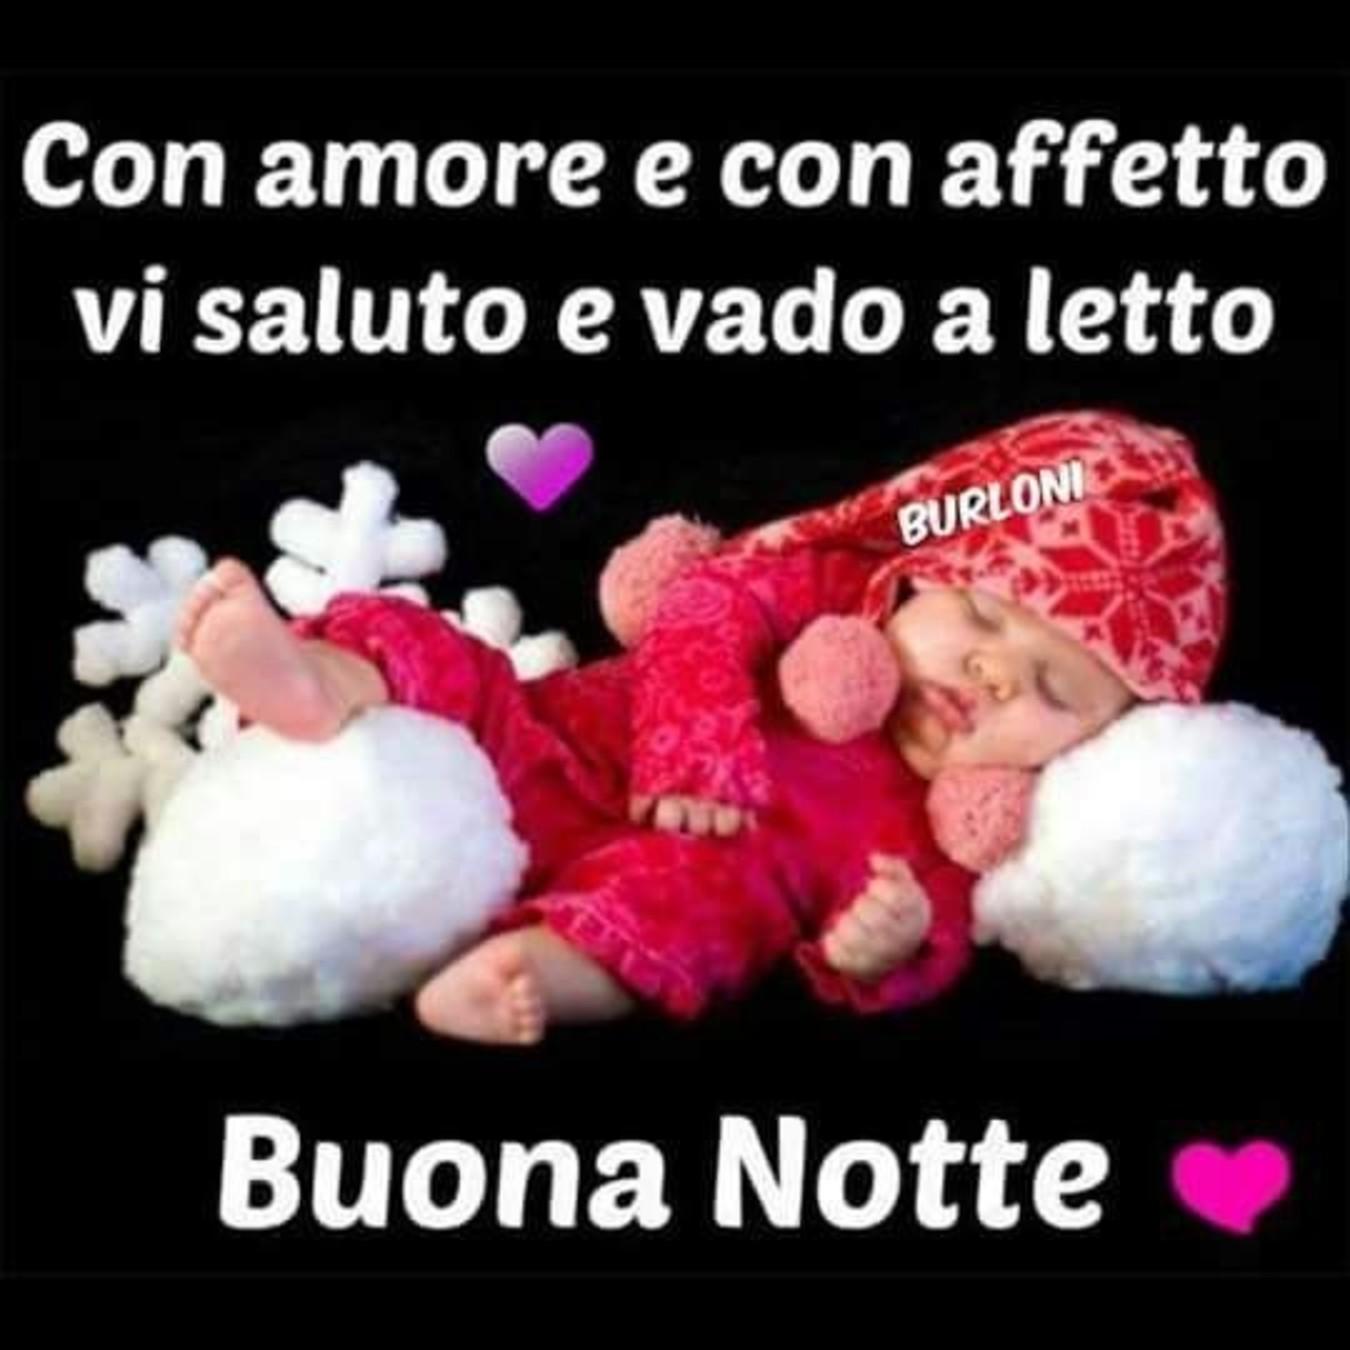 Con amore e con affetto Buonanotte